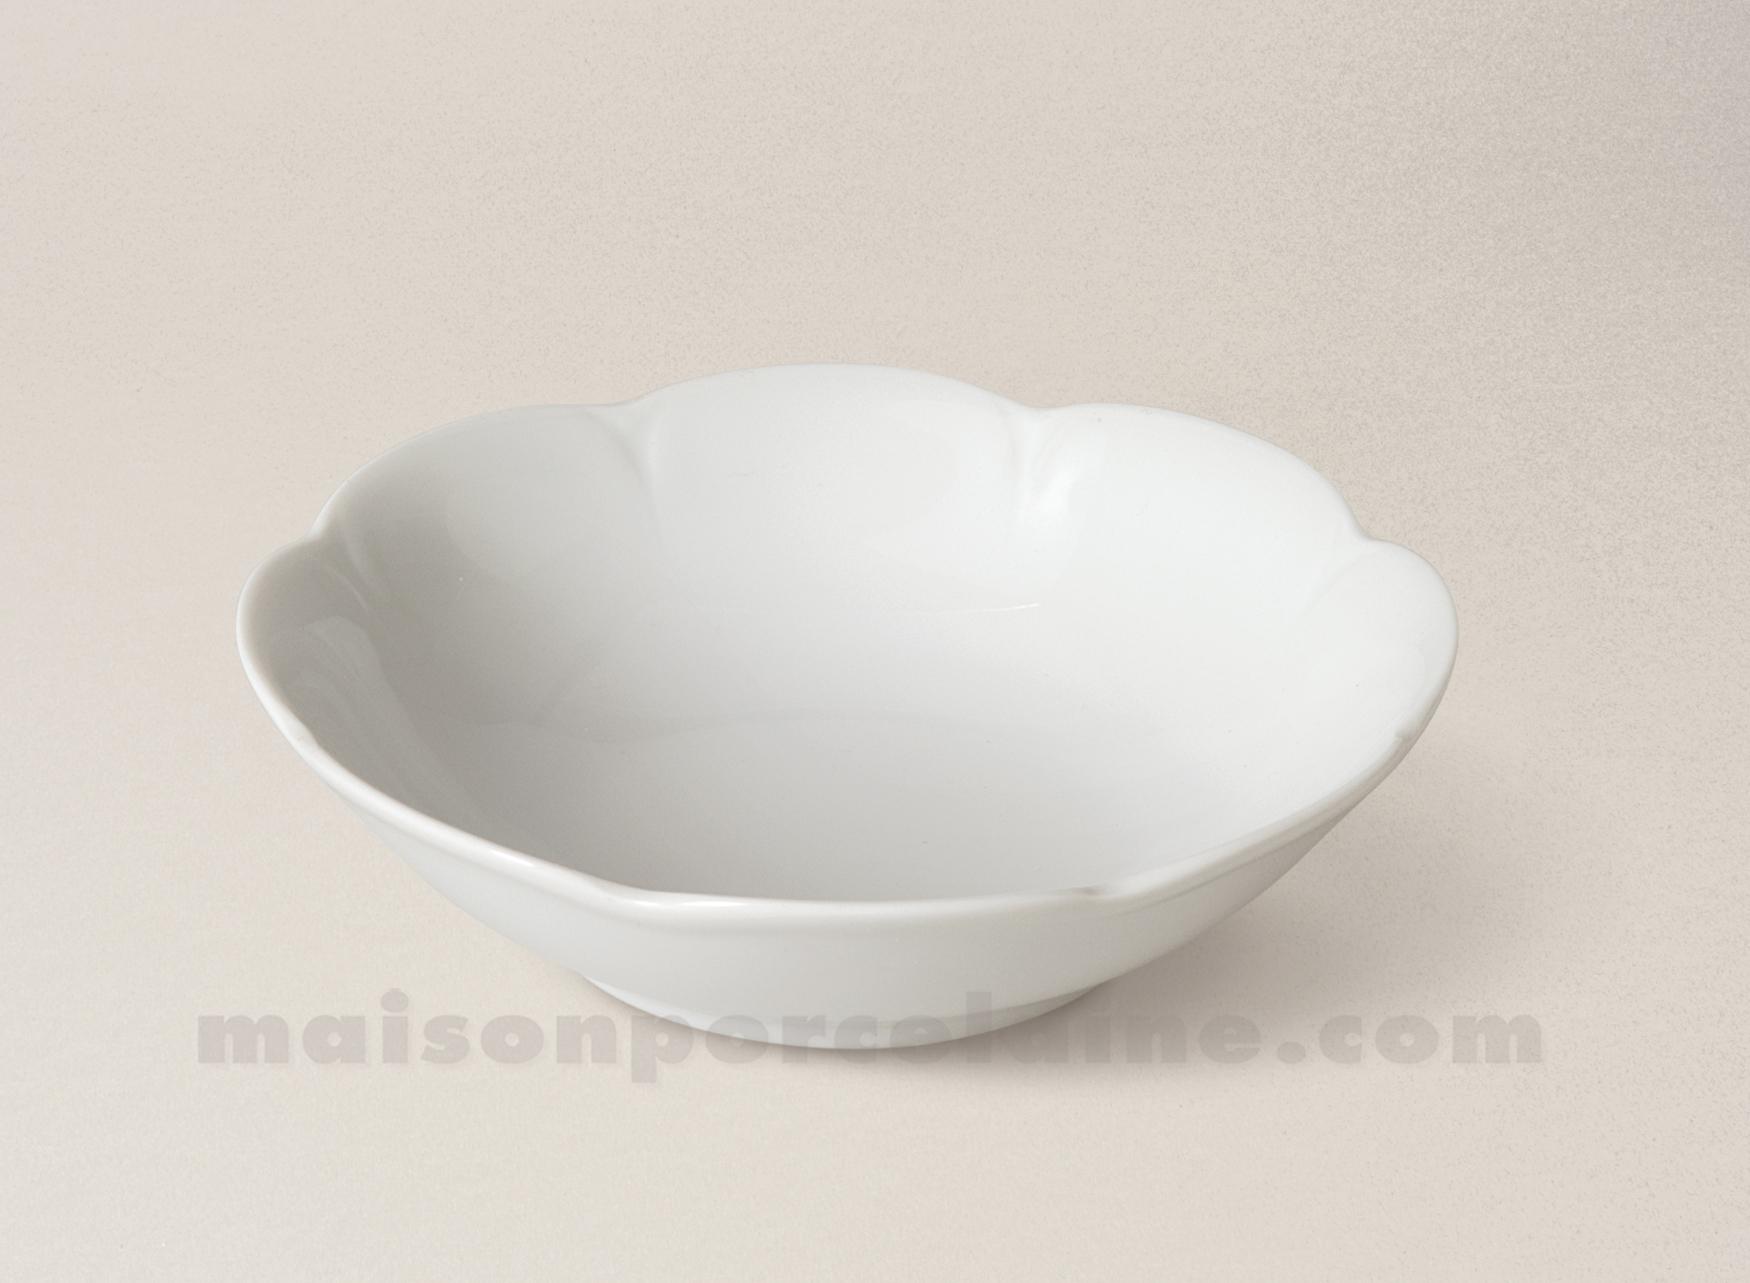 Bol salade cereales limoges porcelaine blanche nymphea d19 for Maison de la porcelaine